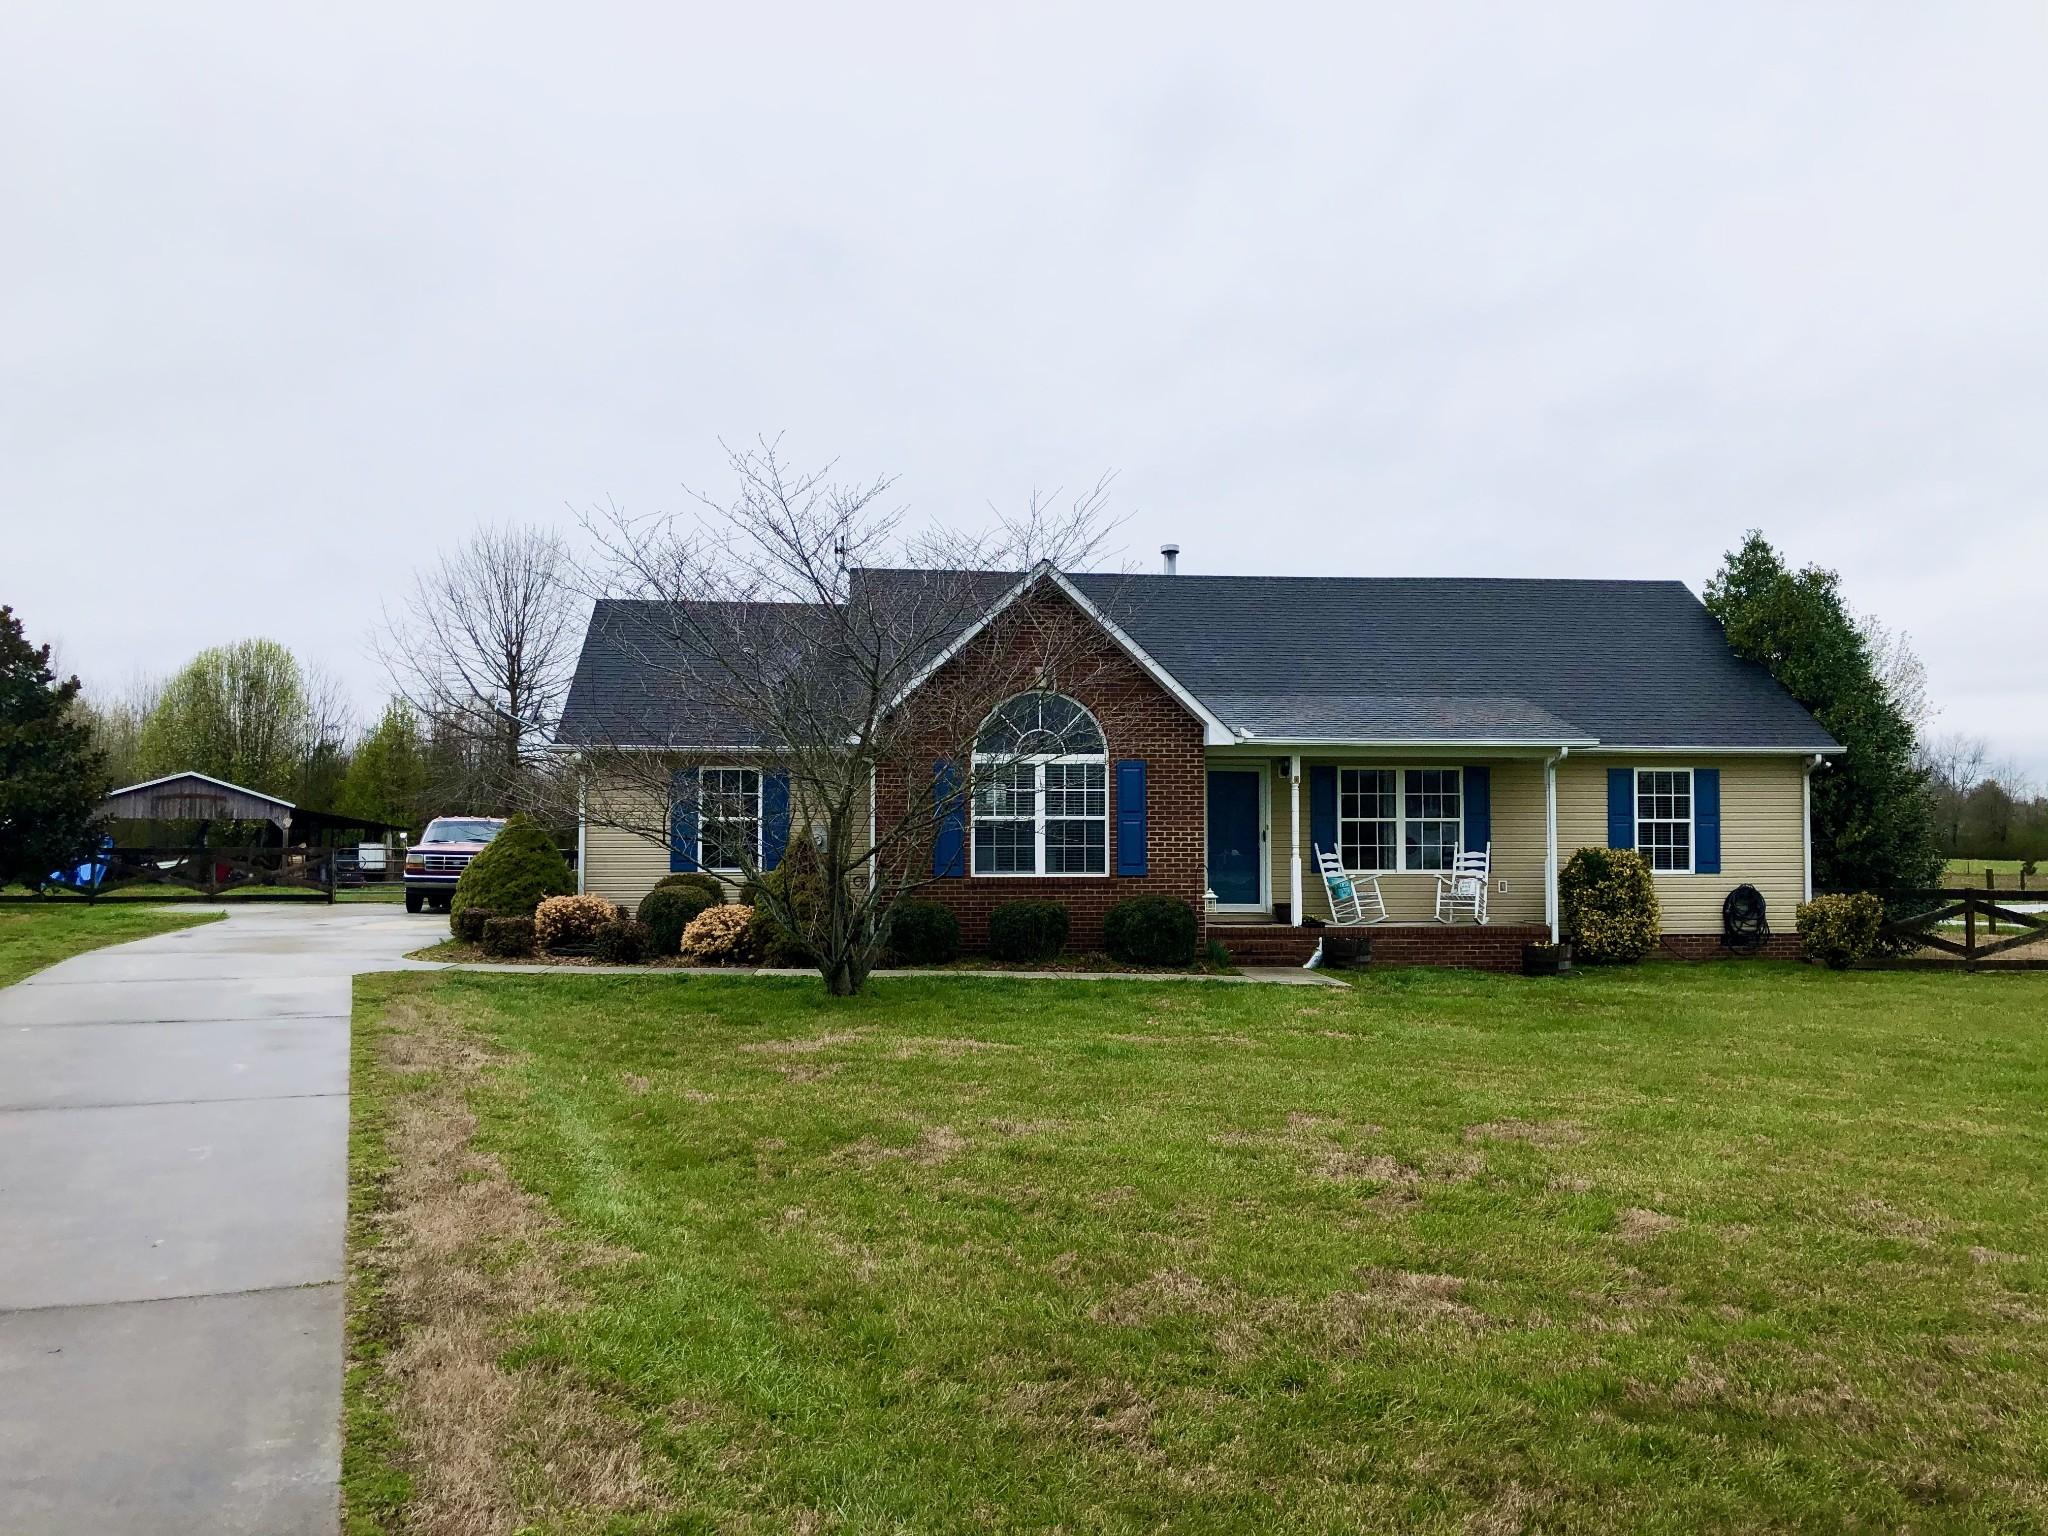 740 Six Mile Board Rd, Belvidere, TN 37306 - Belvidere, TN real estate listing